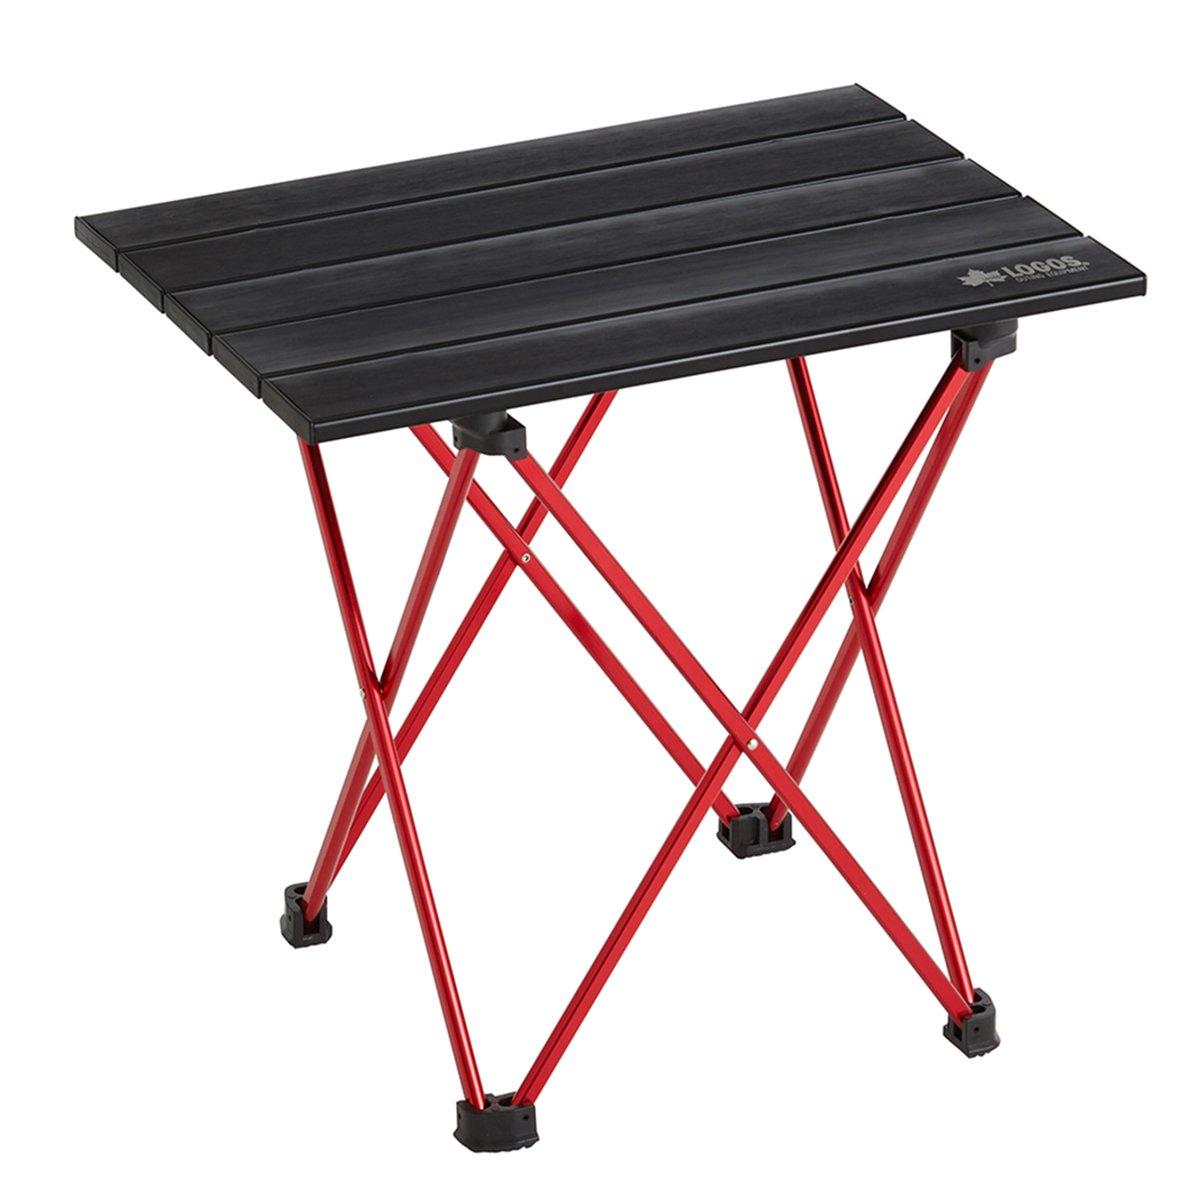 ロゴス アウトドア テーブル アルミトップテーブル